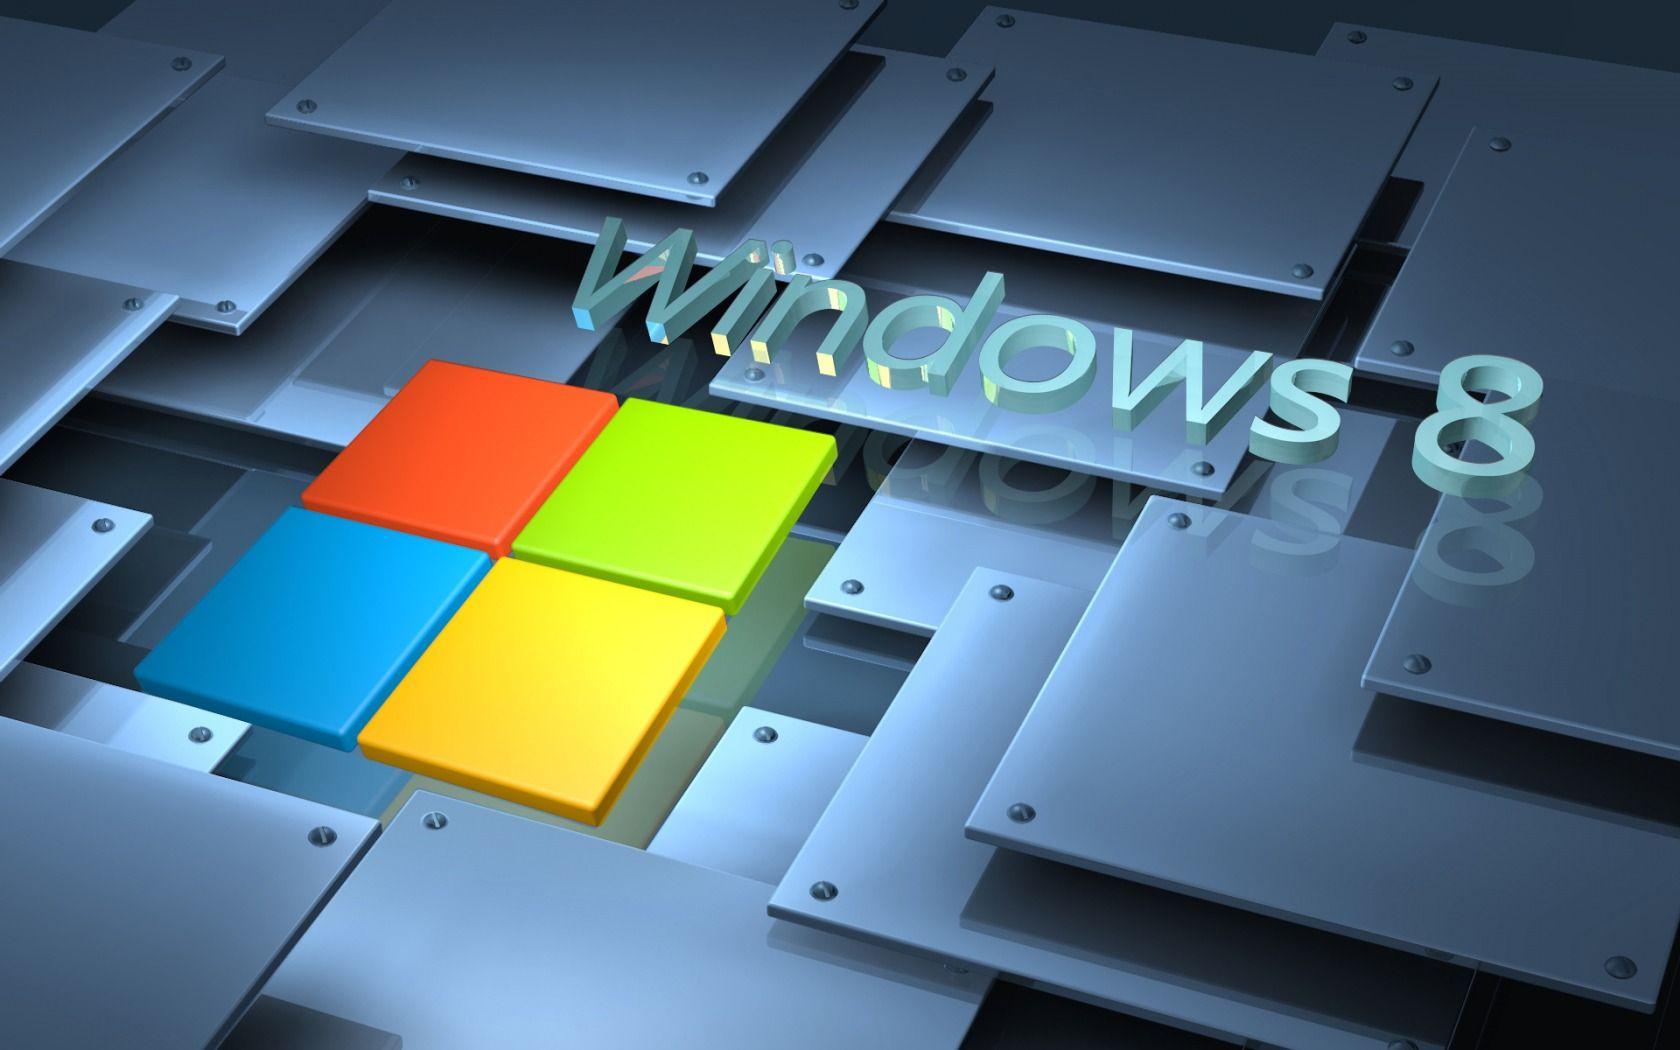 Windows 8 3d Wallpapers Hd Wallpaper Windows Wallpaper Computer Wallpaper Desktop Wallpaper